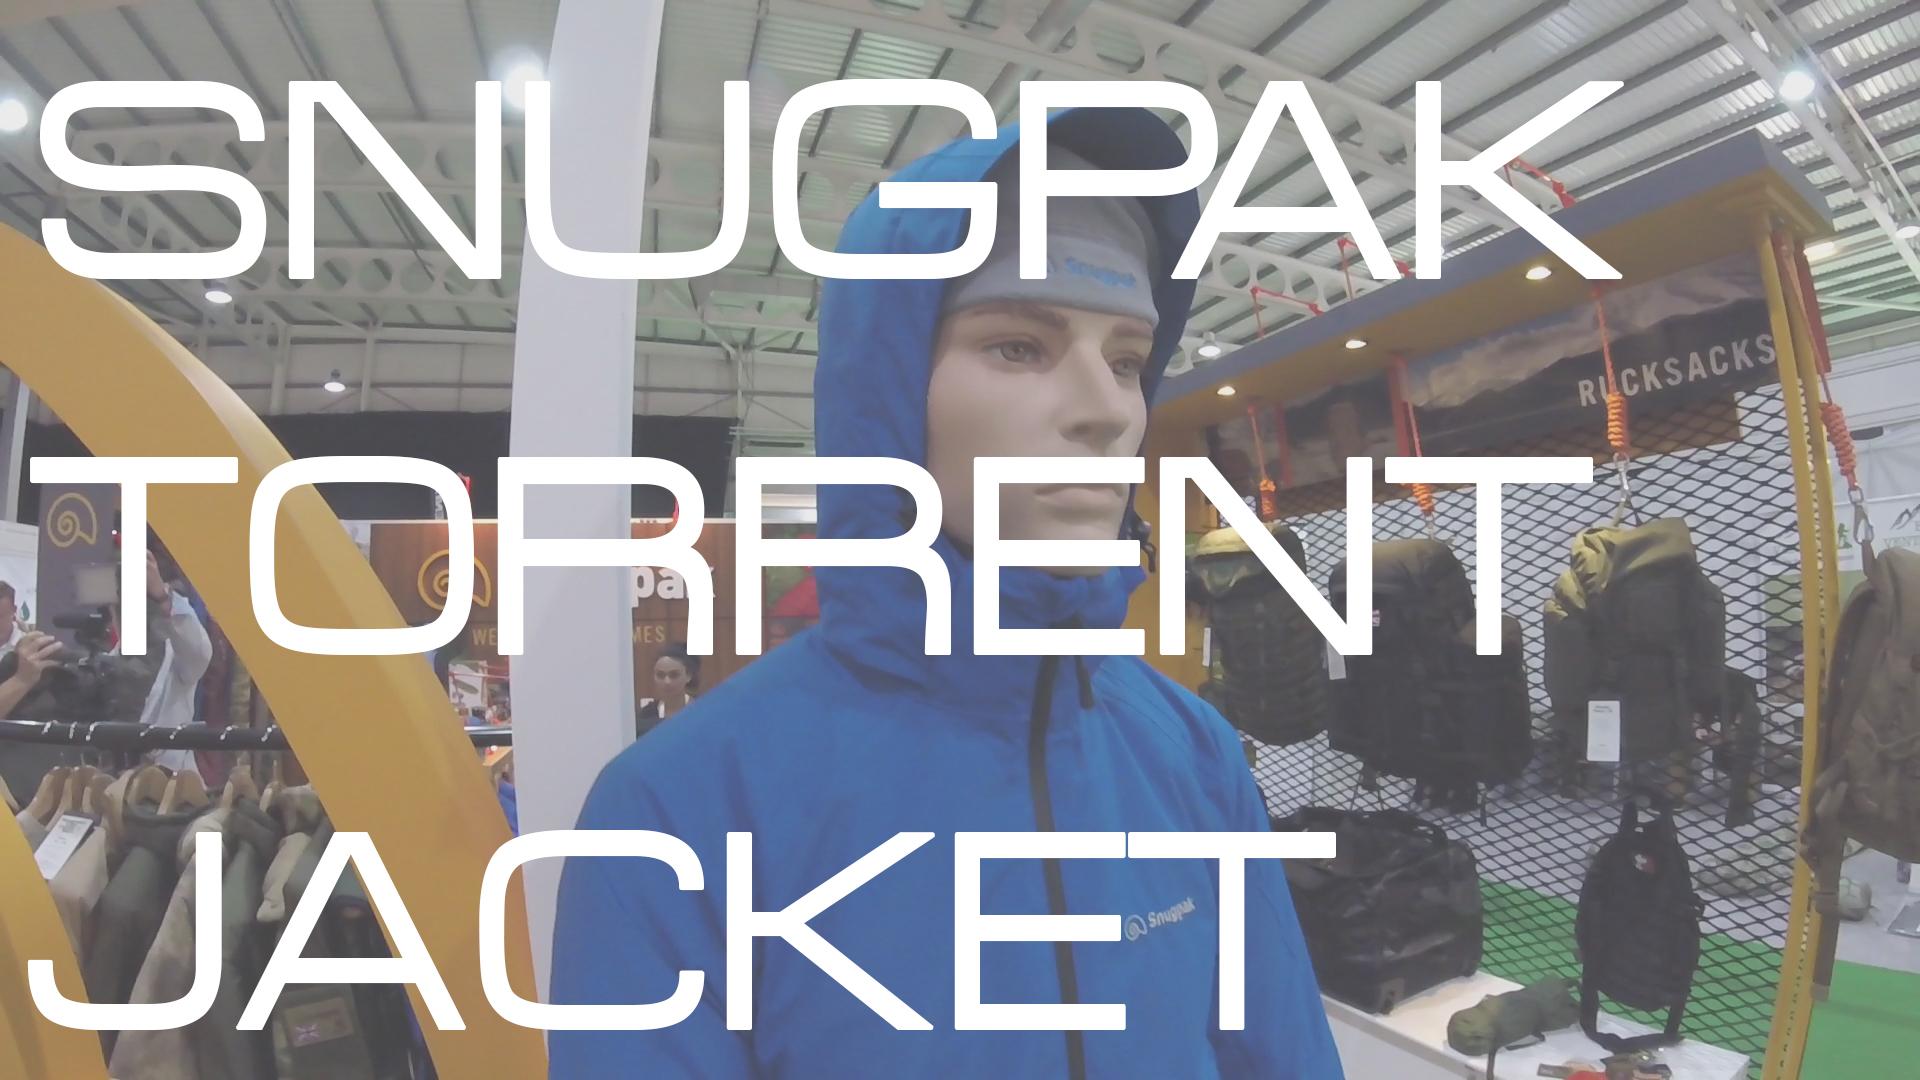 Snugpak waterproof jacket